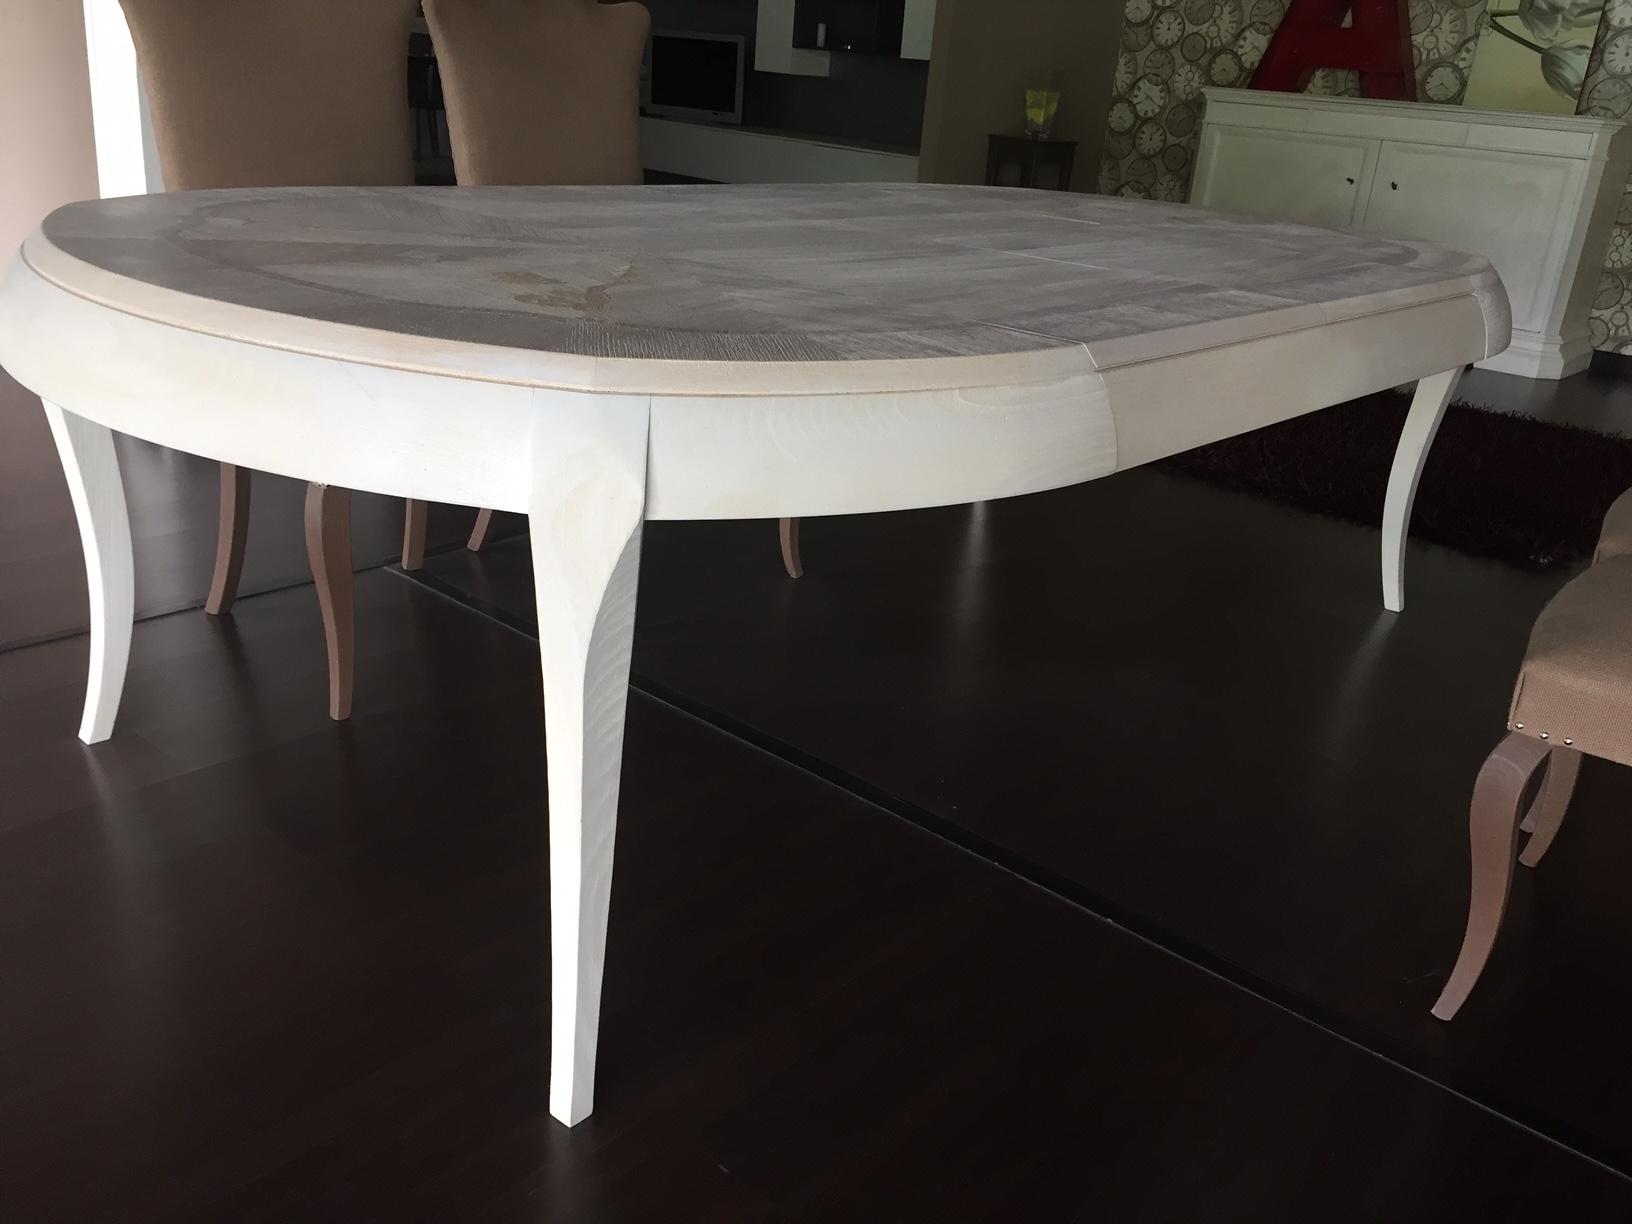 Tavolo marchetti volver rotondo allungabili tavoli a for Outlet tavoli moderni allungabili